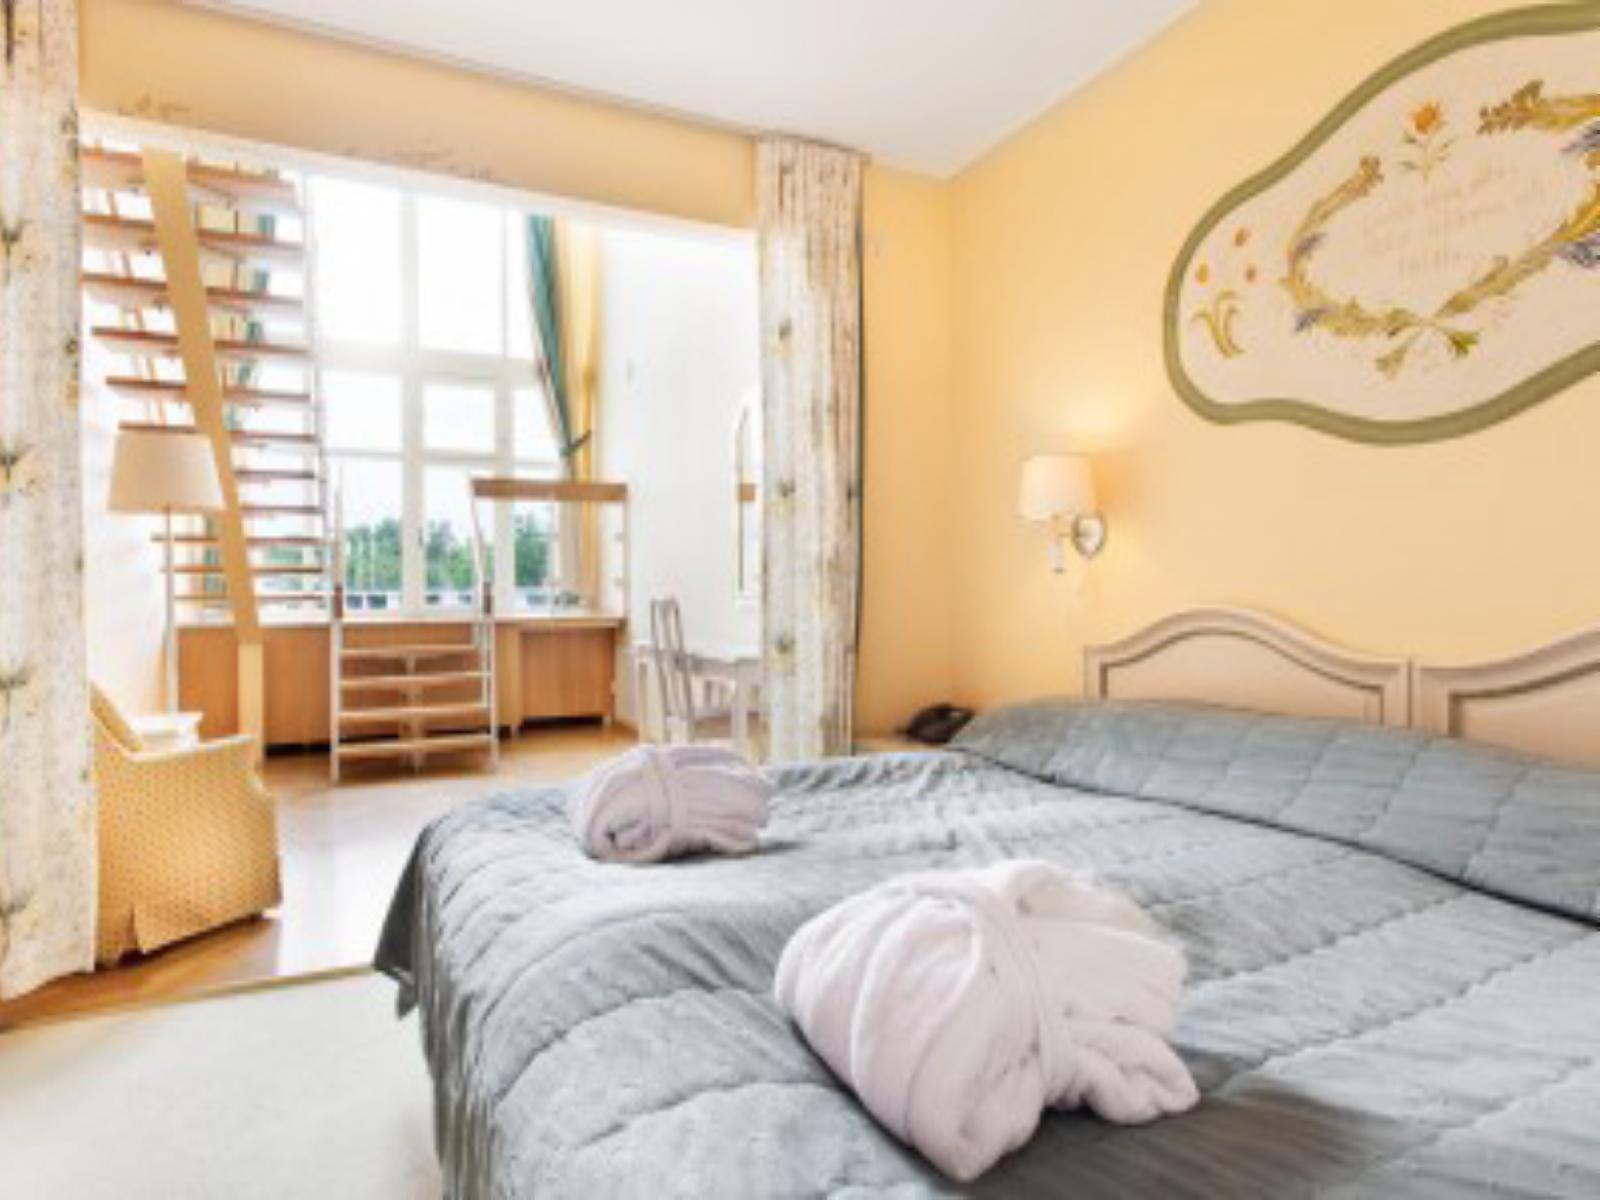 white elephant århus hotel med jacuzzi på værelset